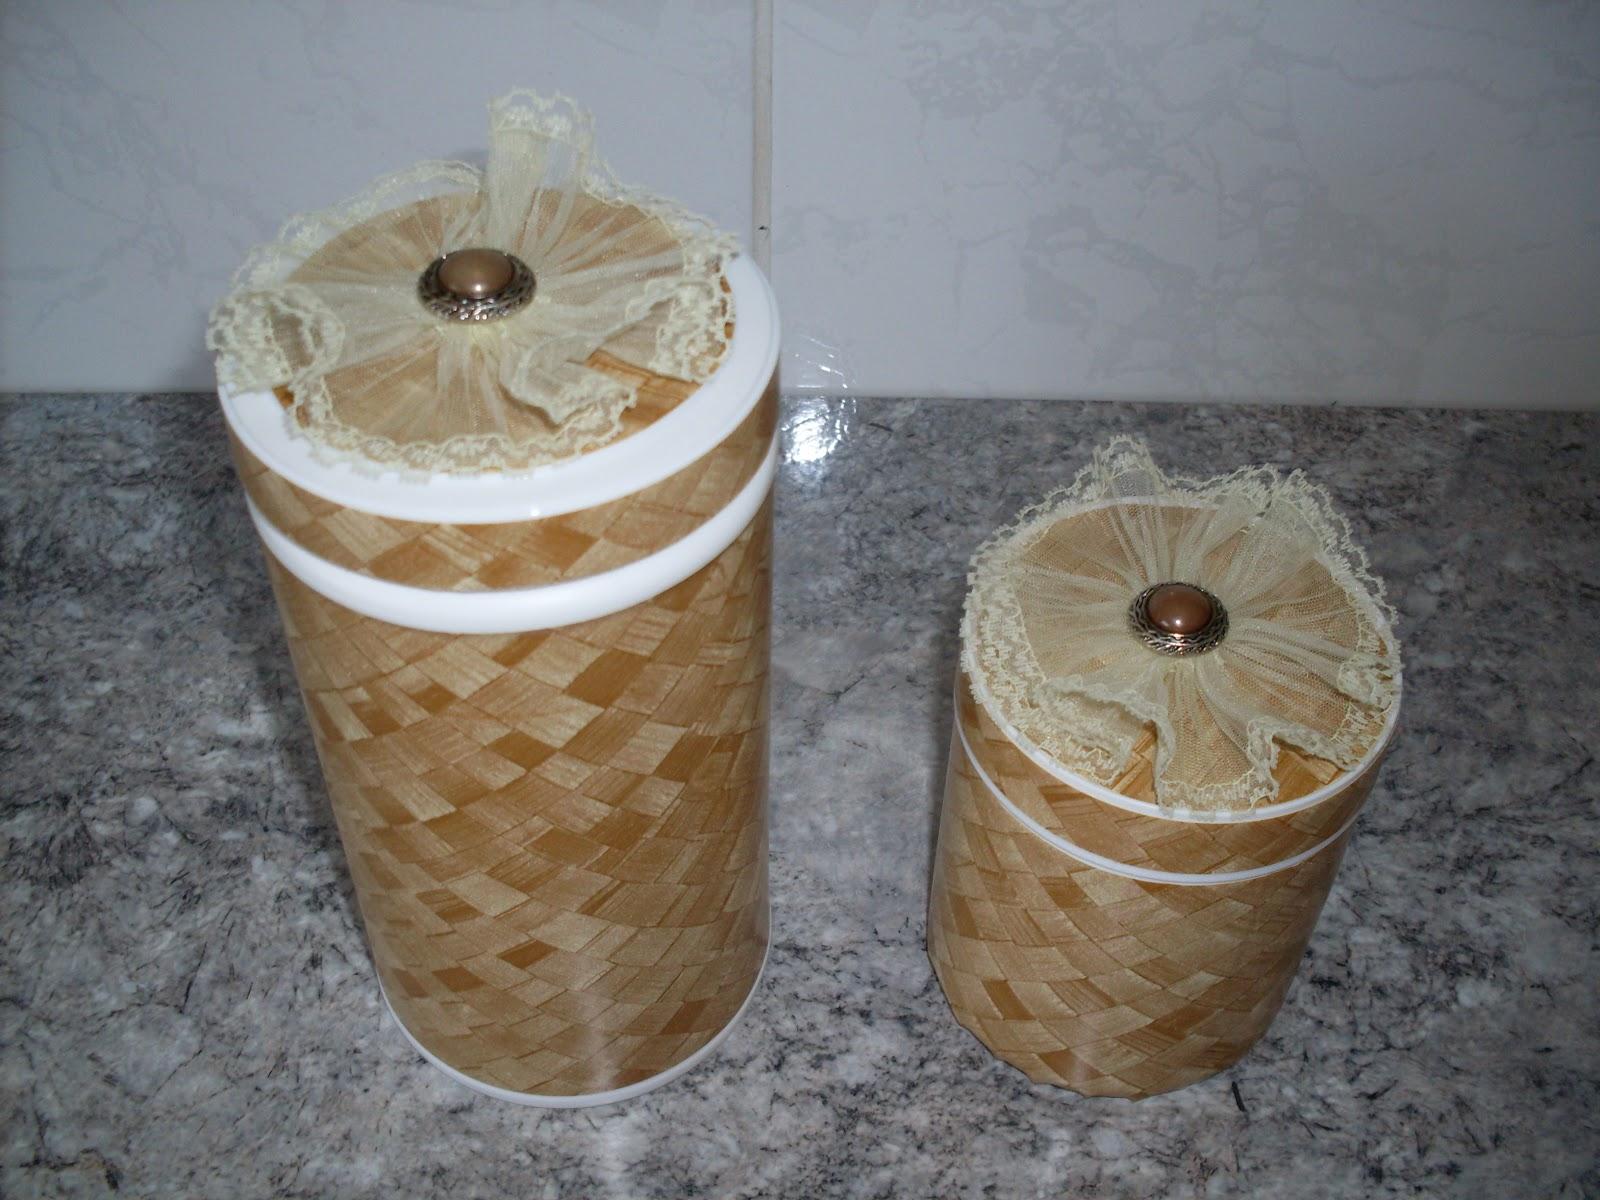 Artesanato Reciclagem Decoração ~ Decoraç u00e3o e artesanato Reciclagem